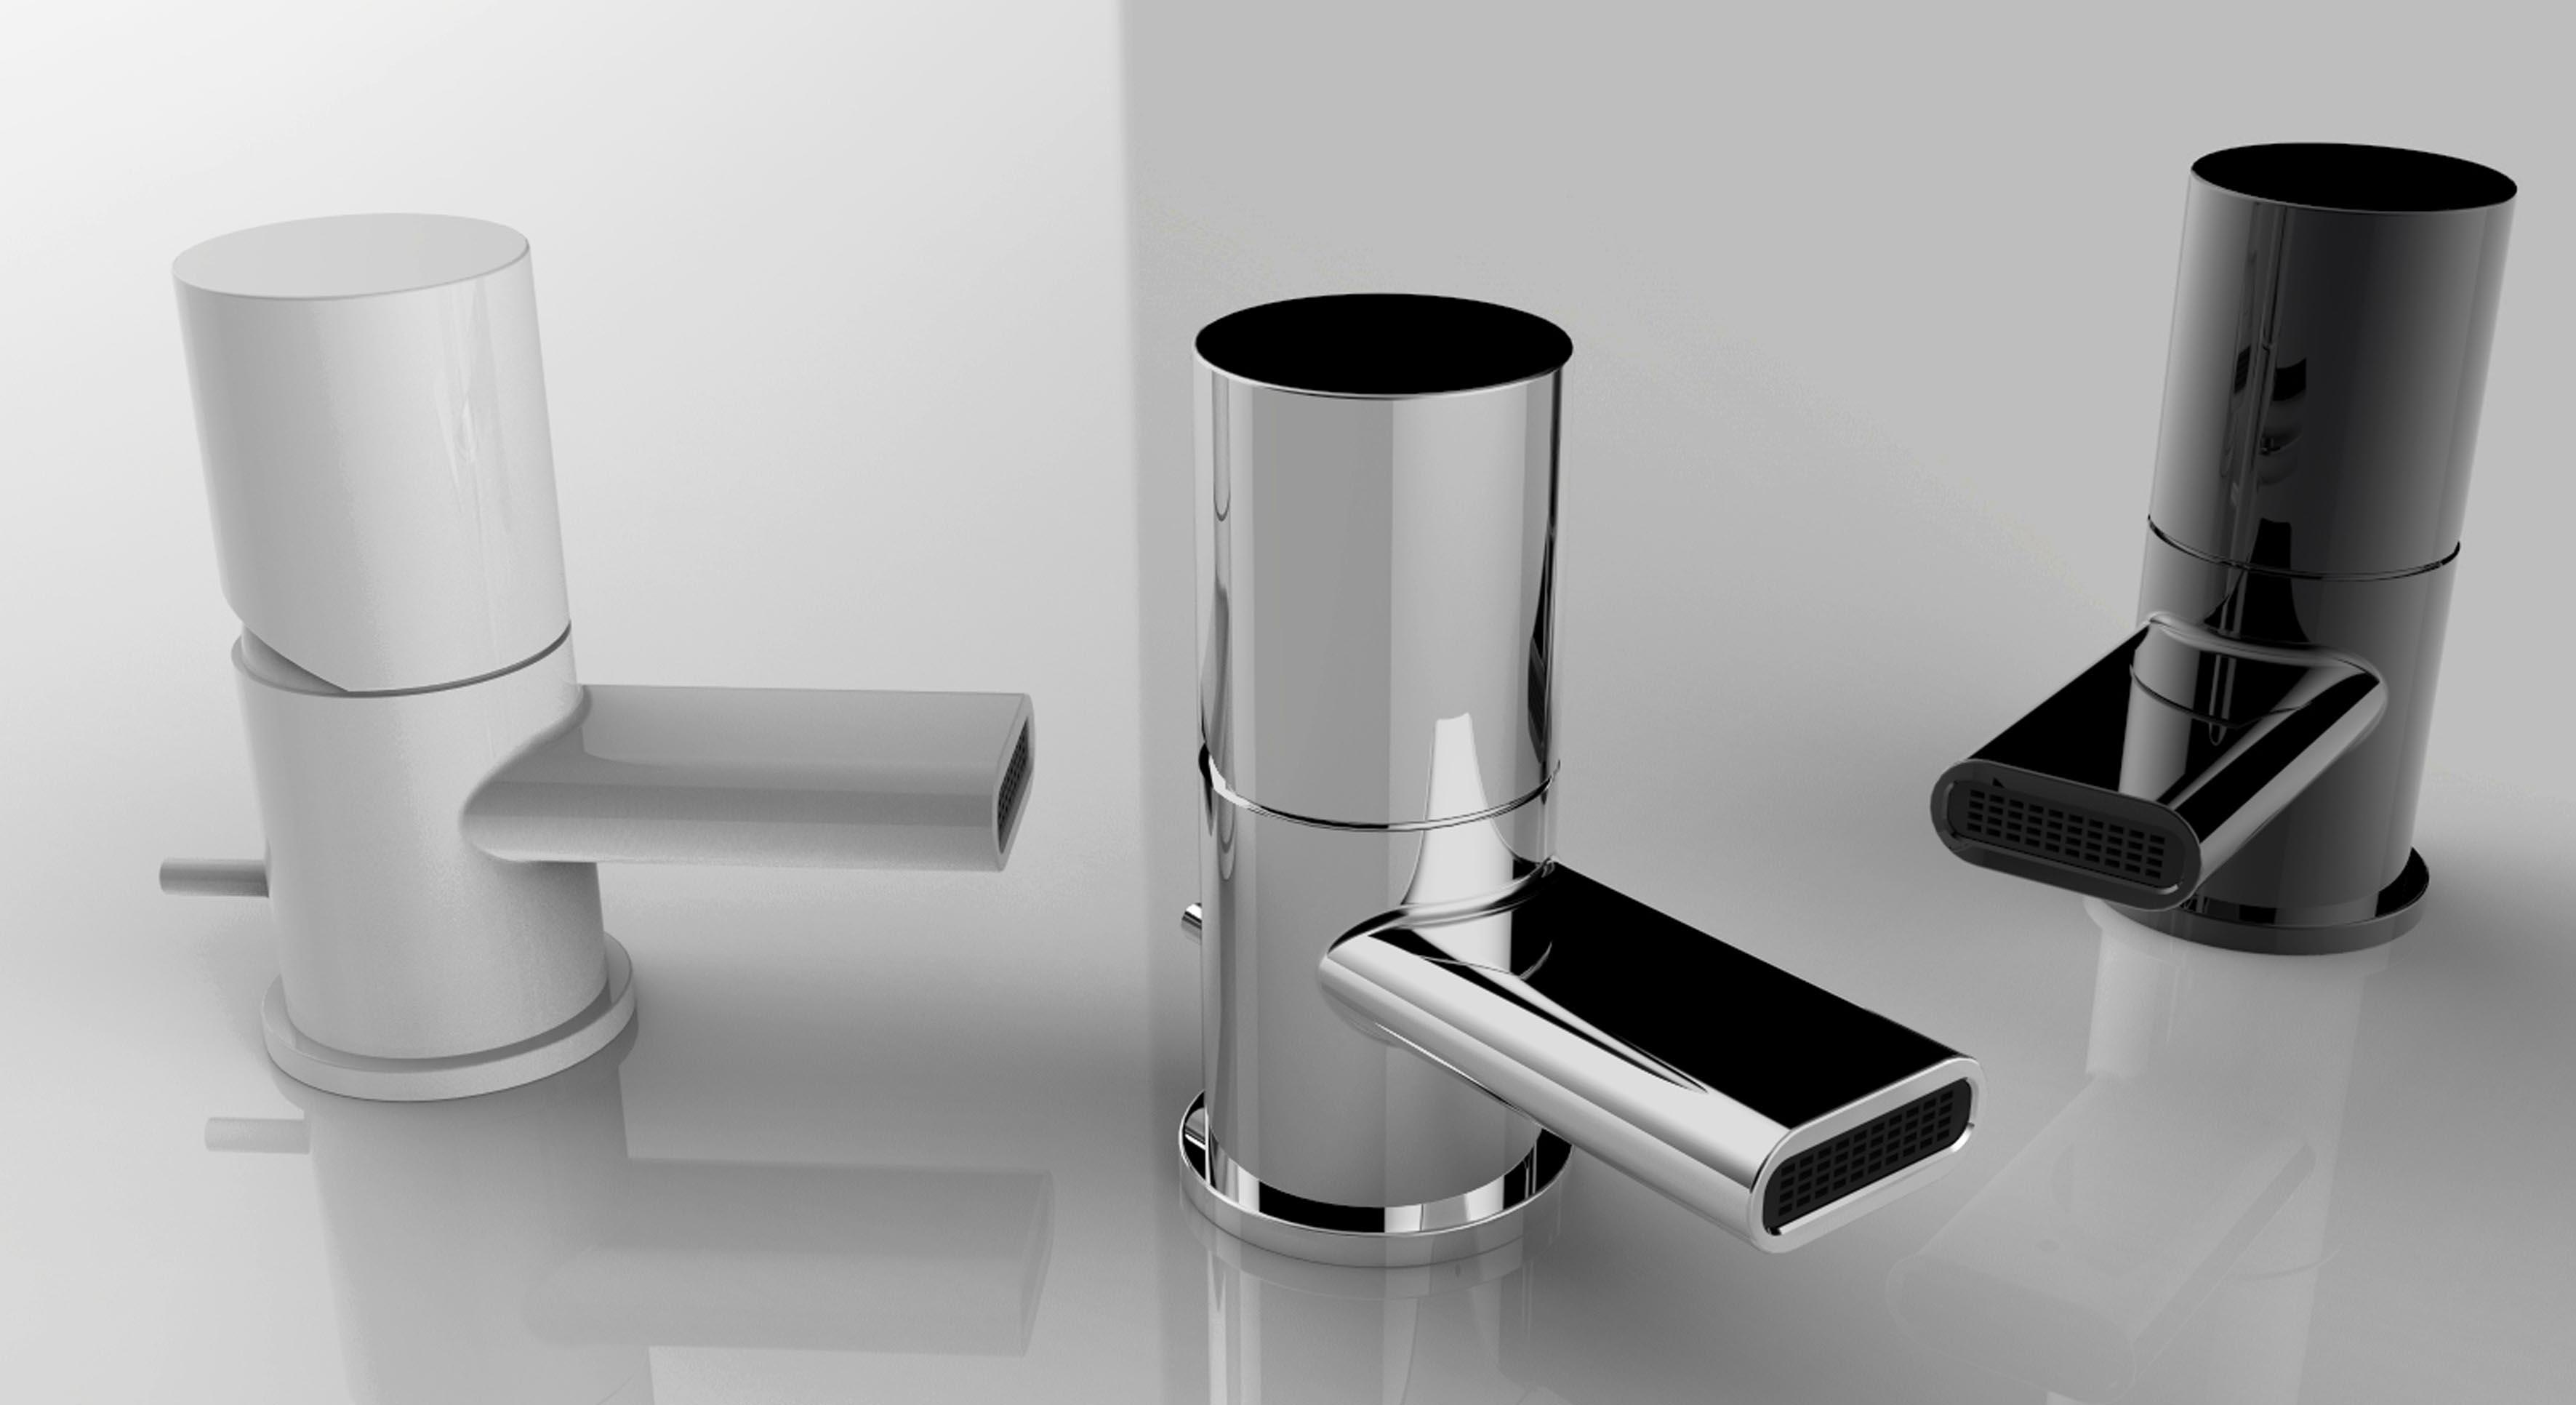 Treemme rubinetterie nuove proposte per il bagno design for Rubinetti bagno design